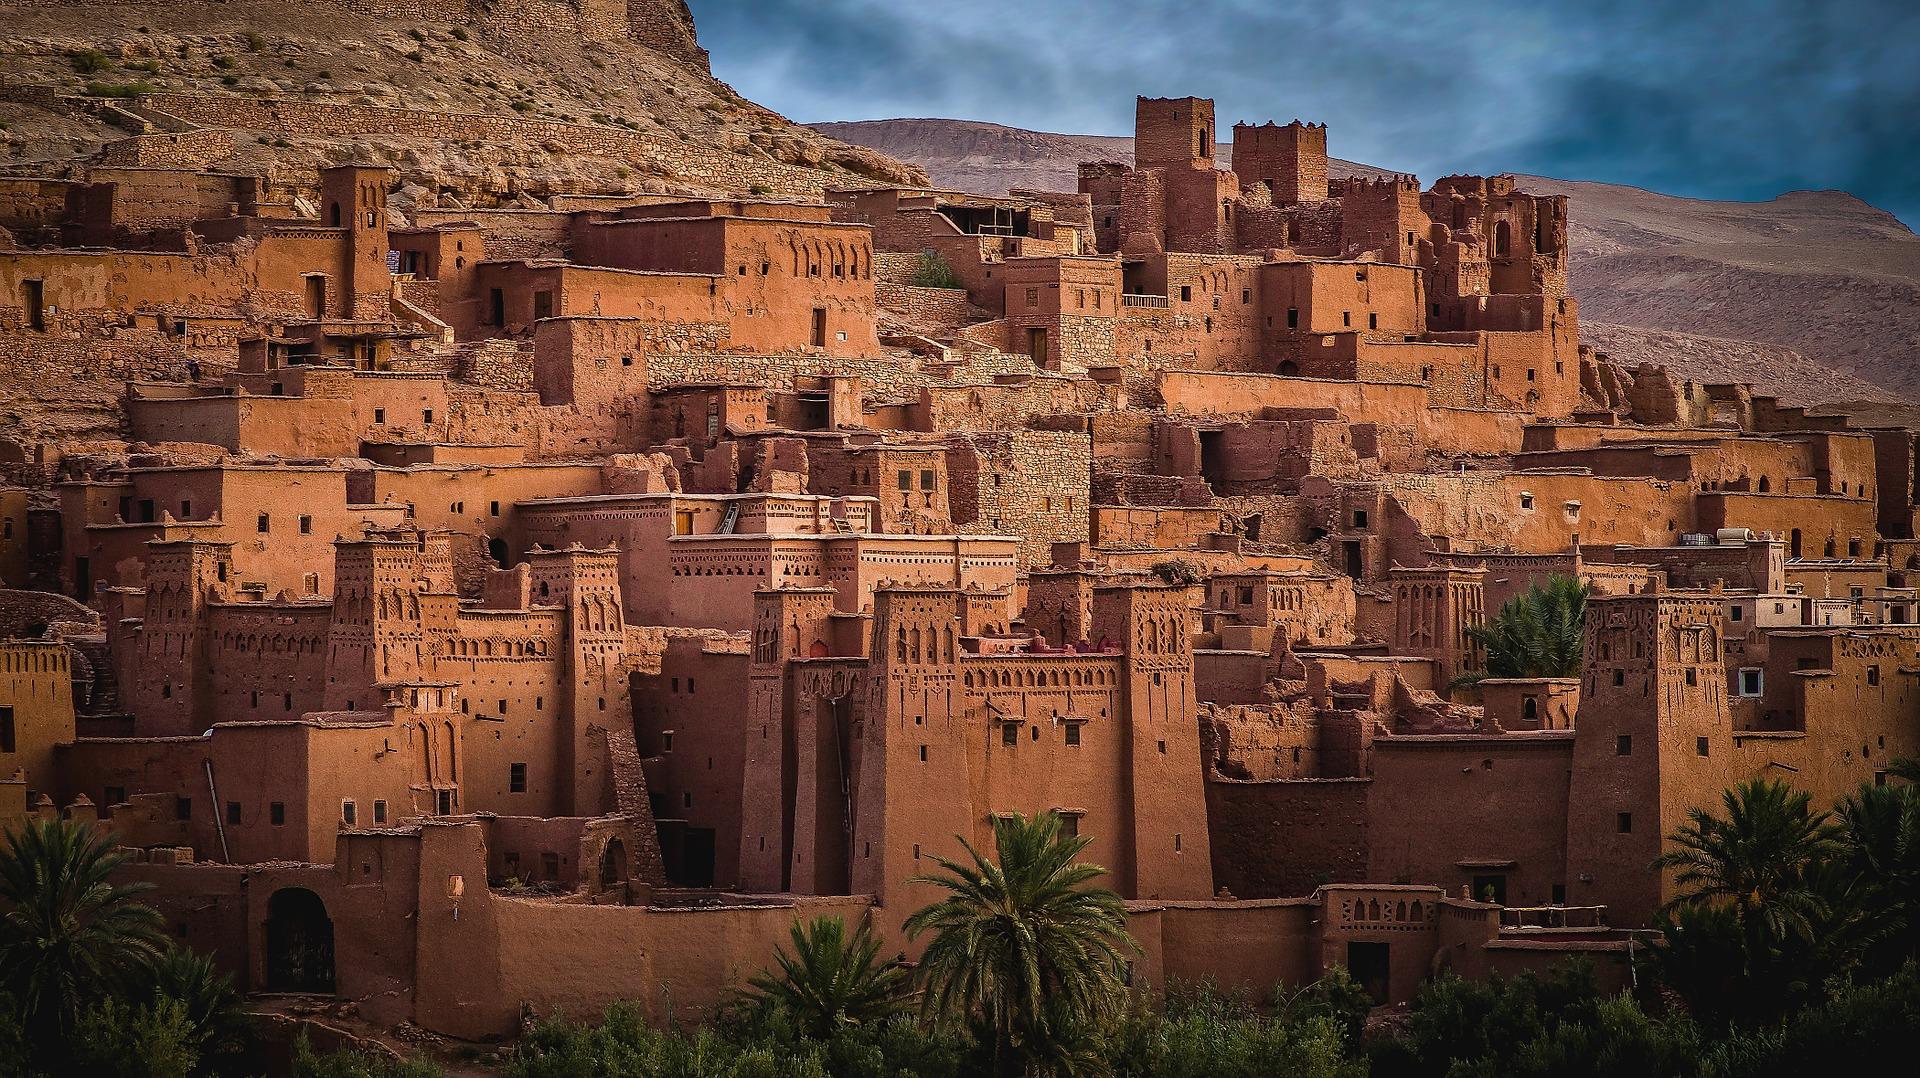 Maroko, selo, zemljane zgrade, afrika, destinacija